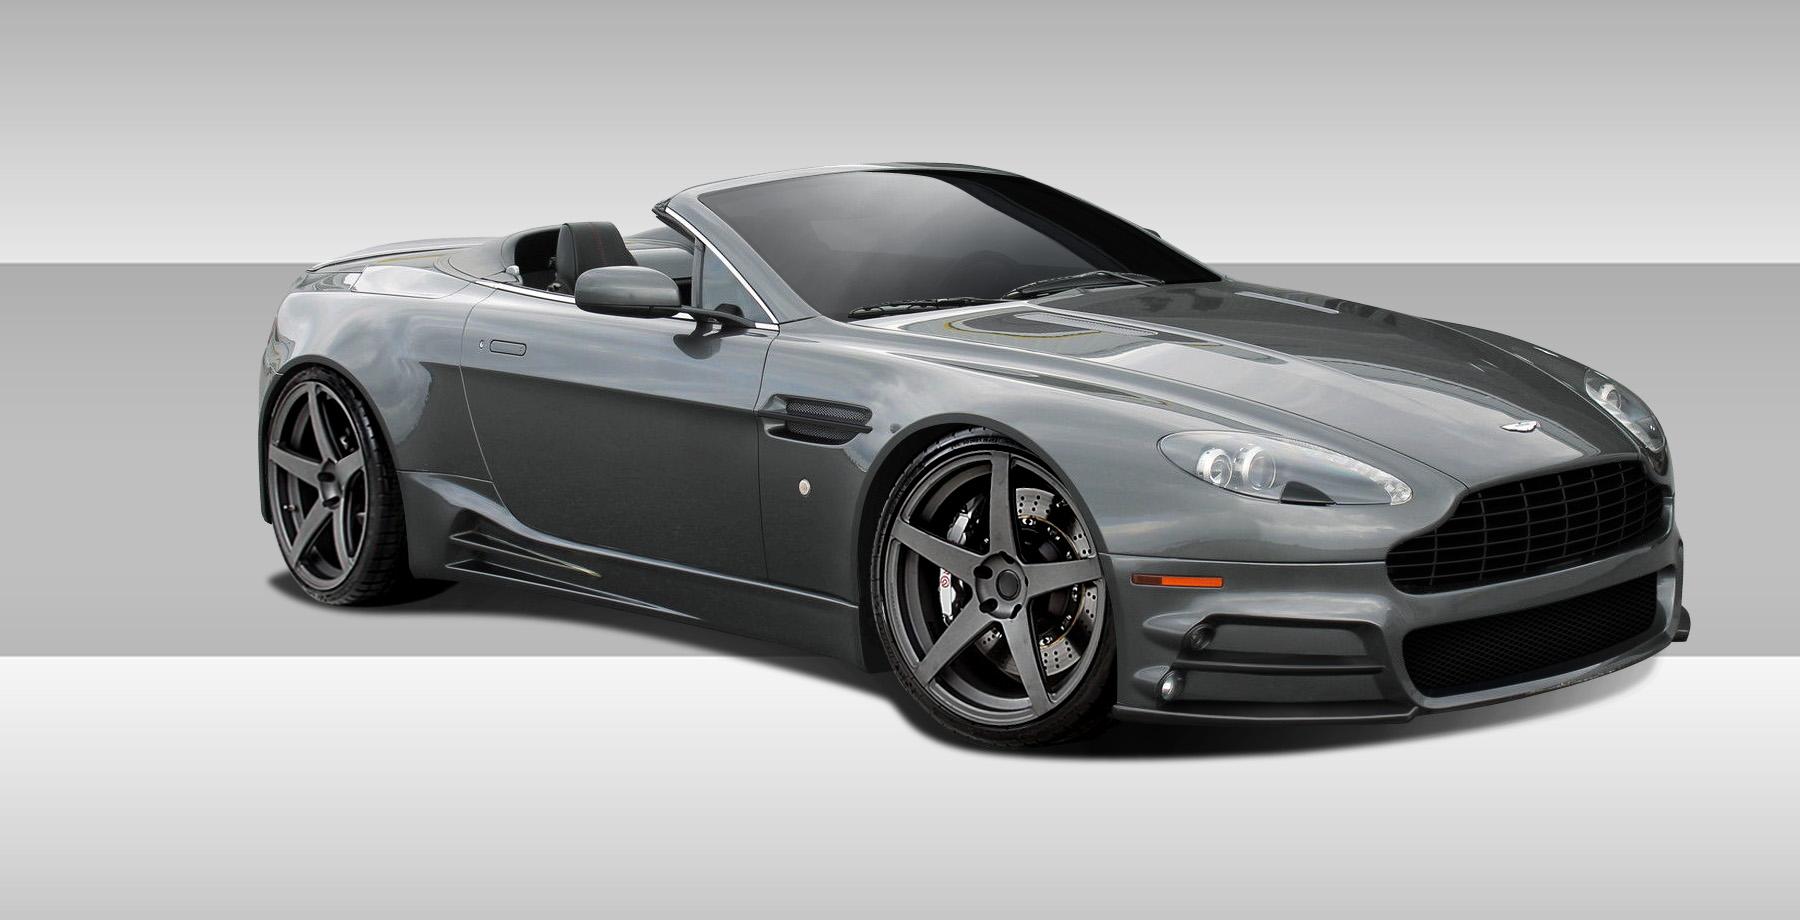 06 16 Aston Martin Vantage Eros V 1 Duraflex Full Body Kit 109647 Ebay